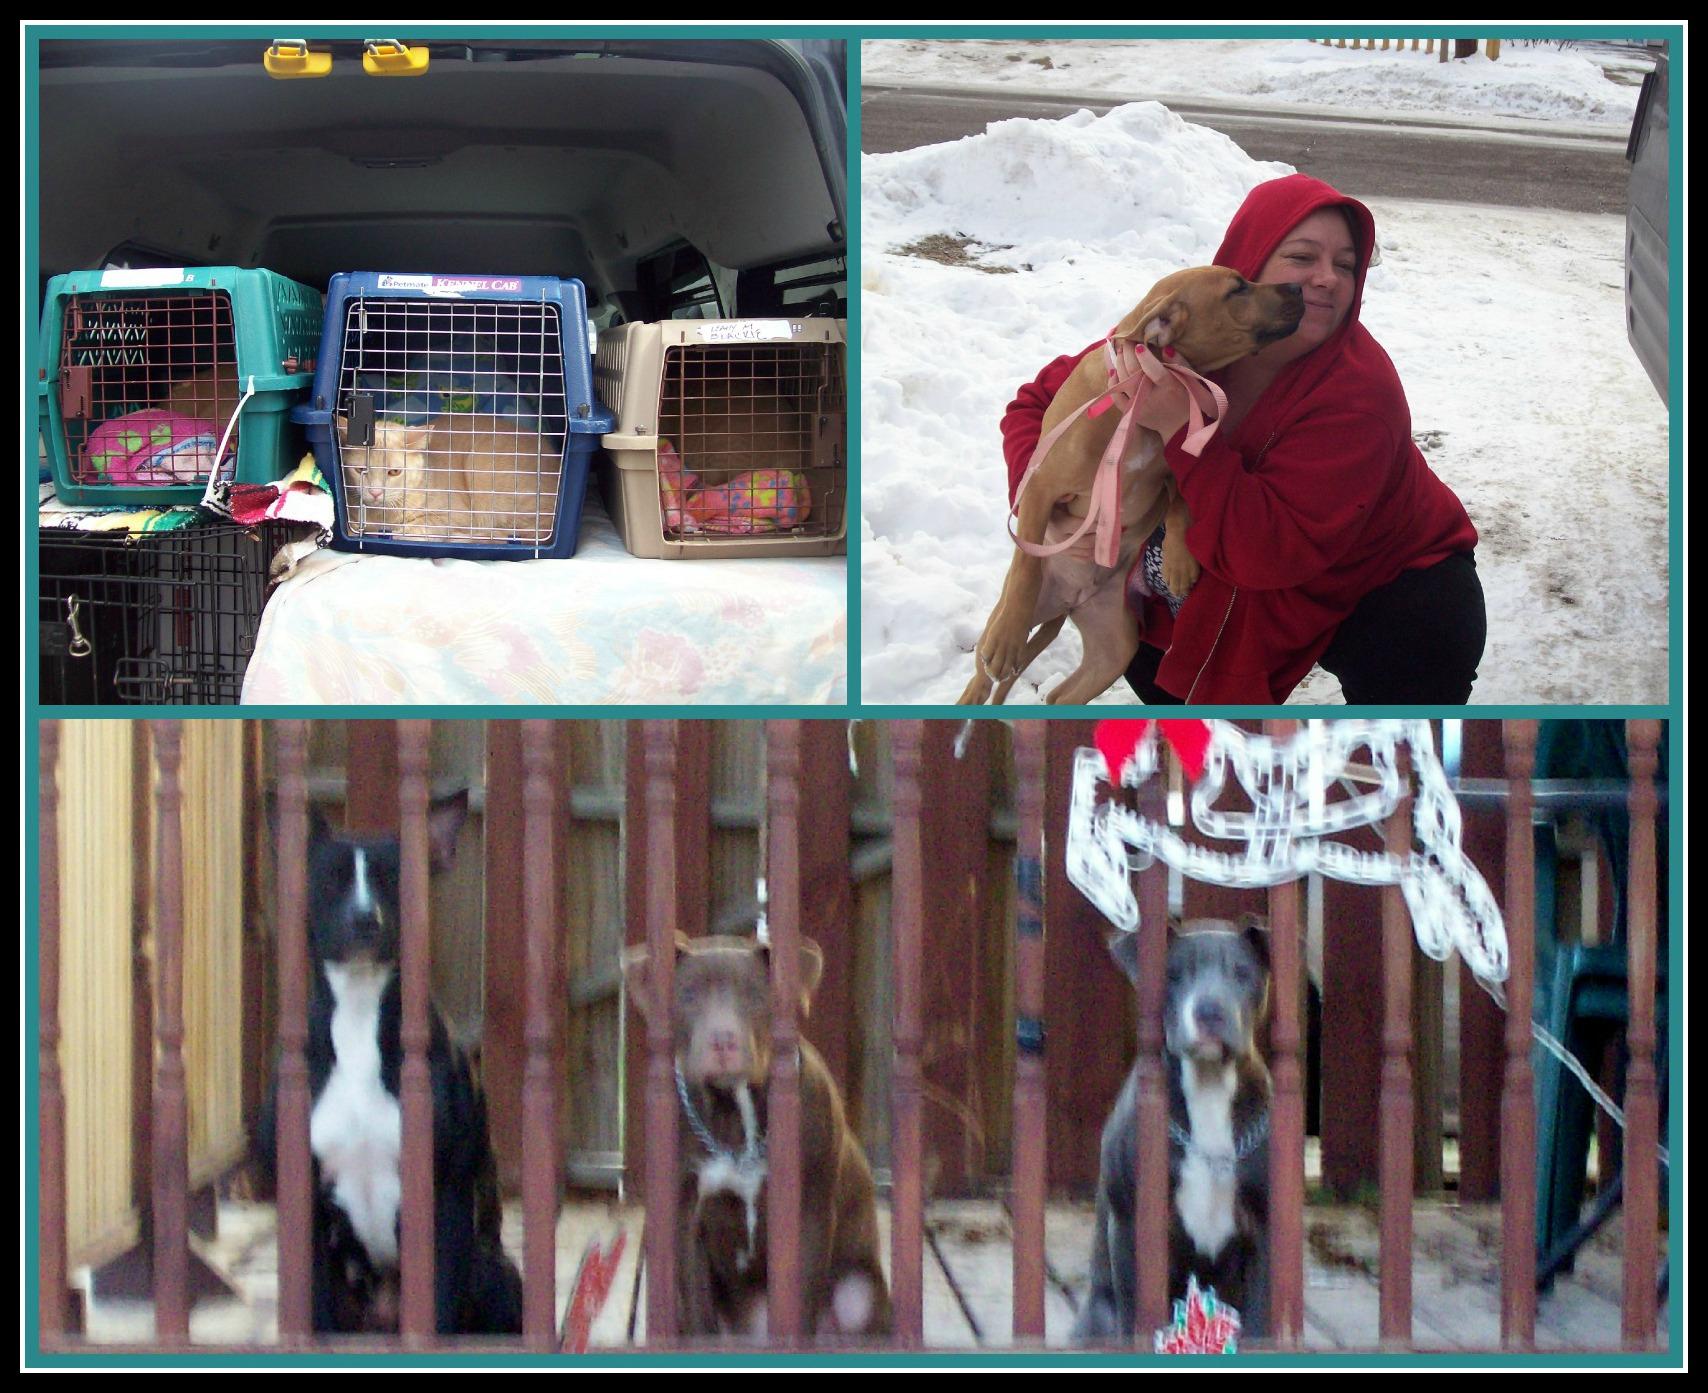 February 20 2013 PicMonkey Collage